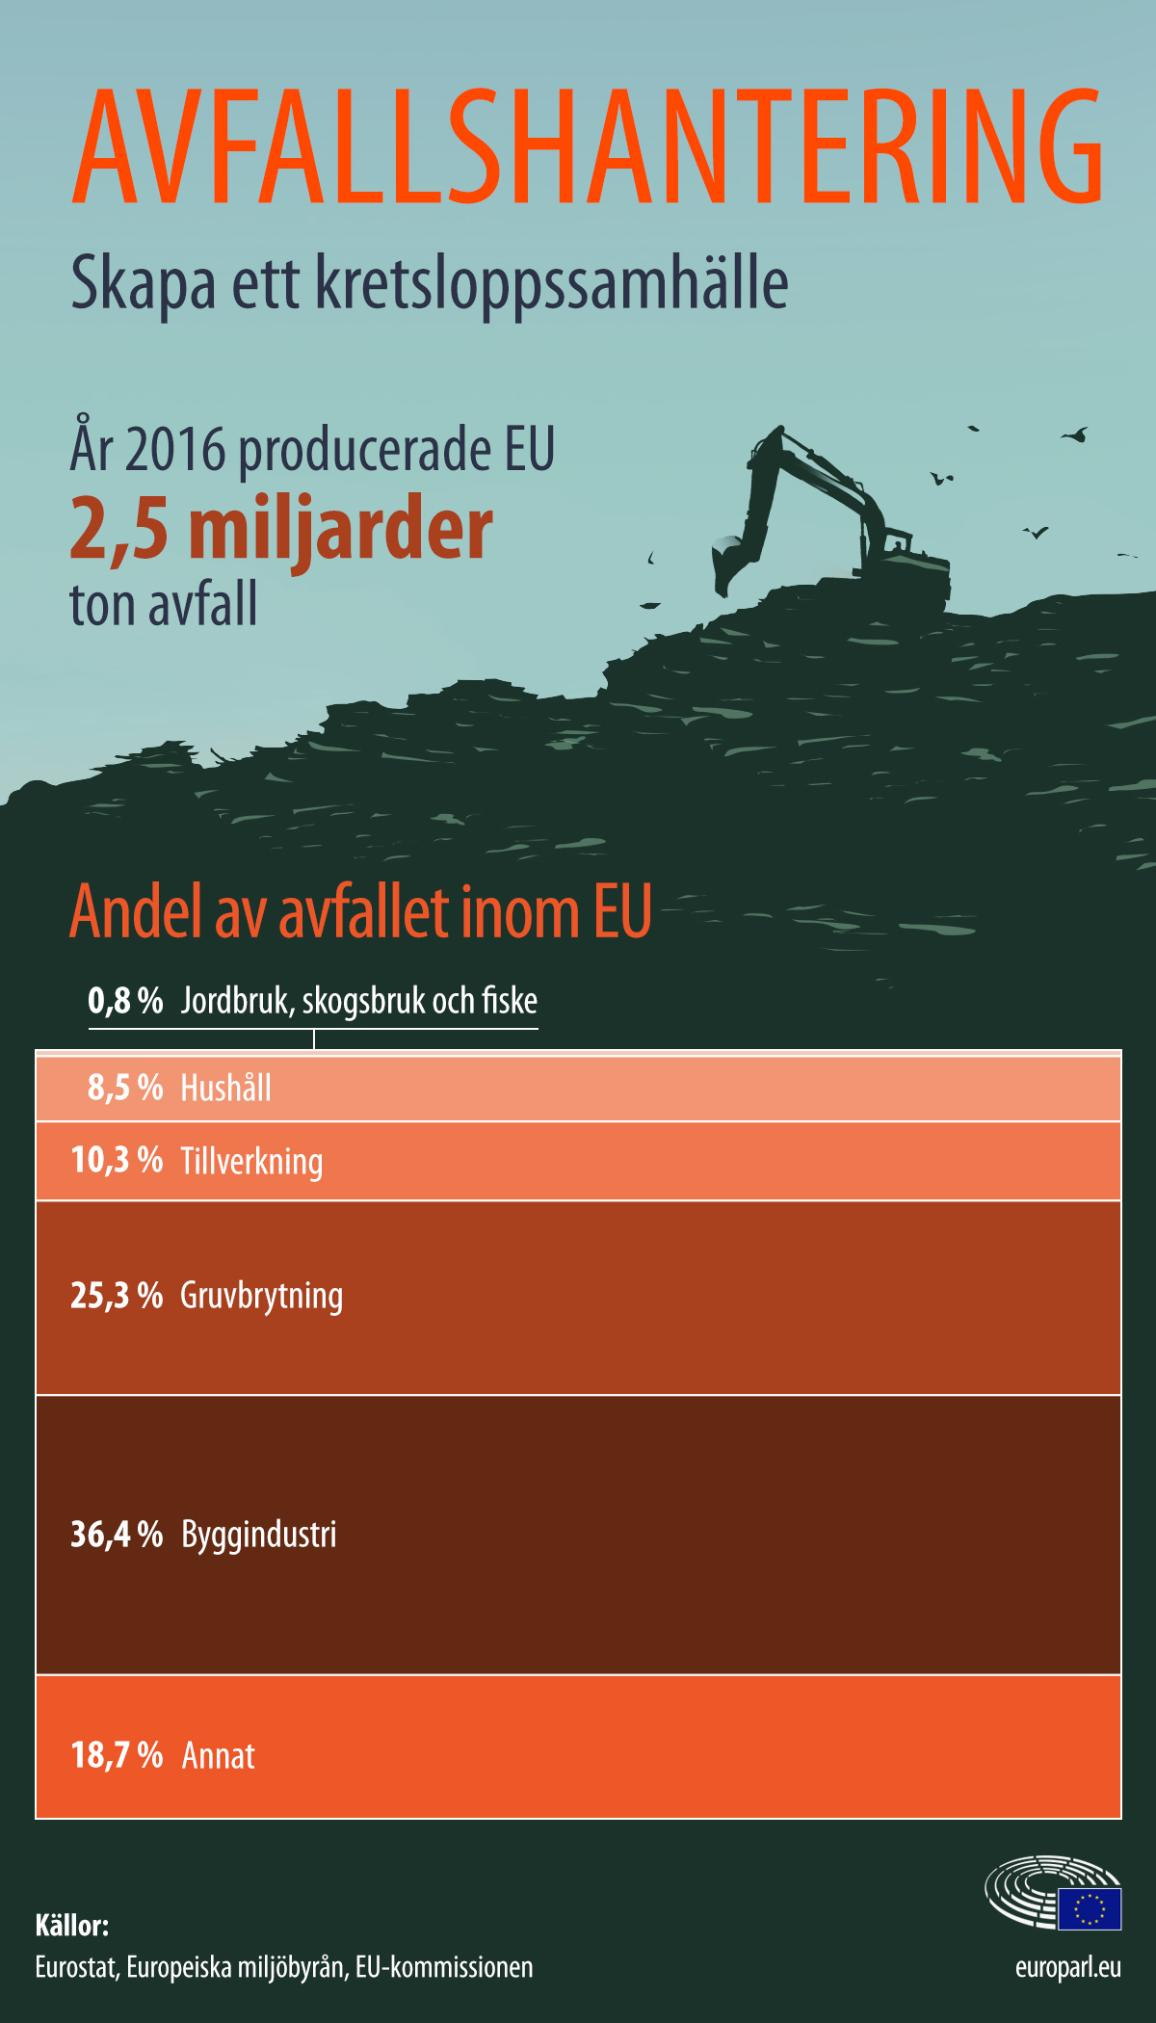 Grafik om avfallets ursprung